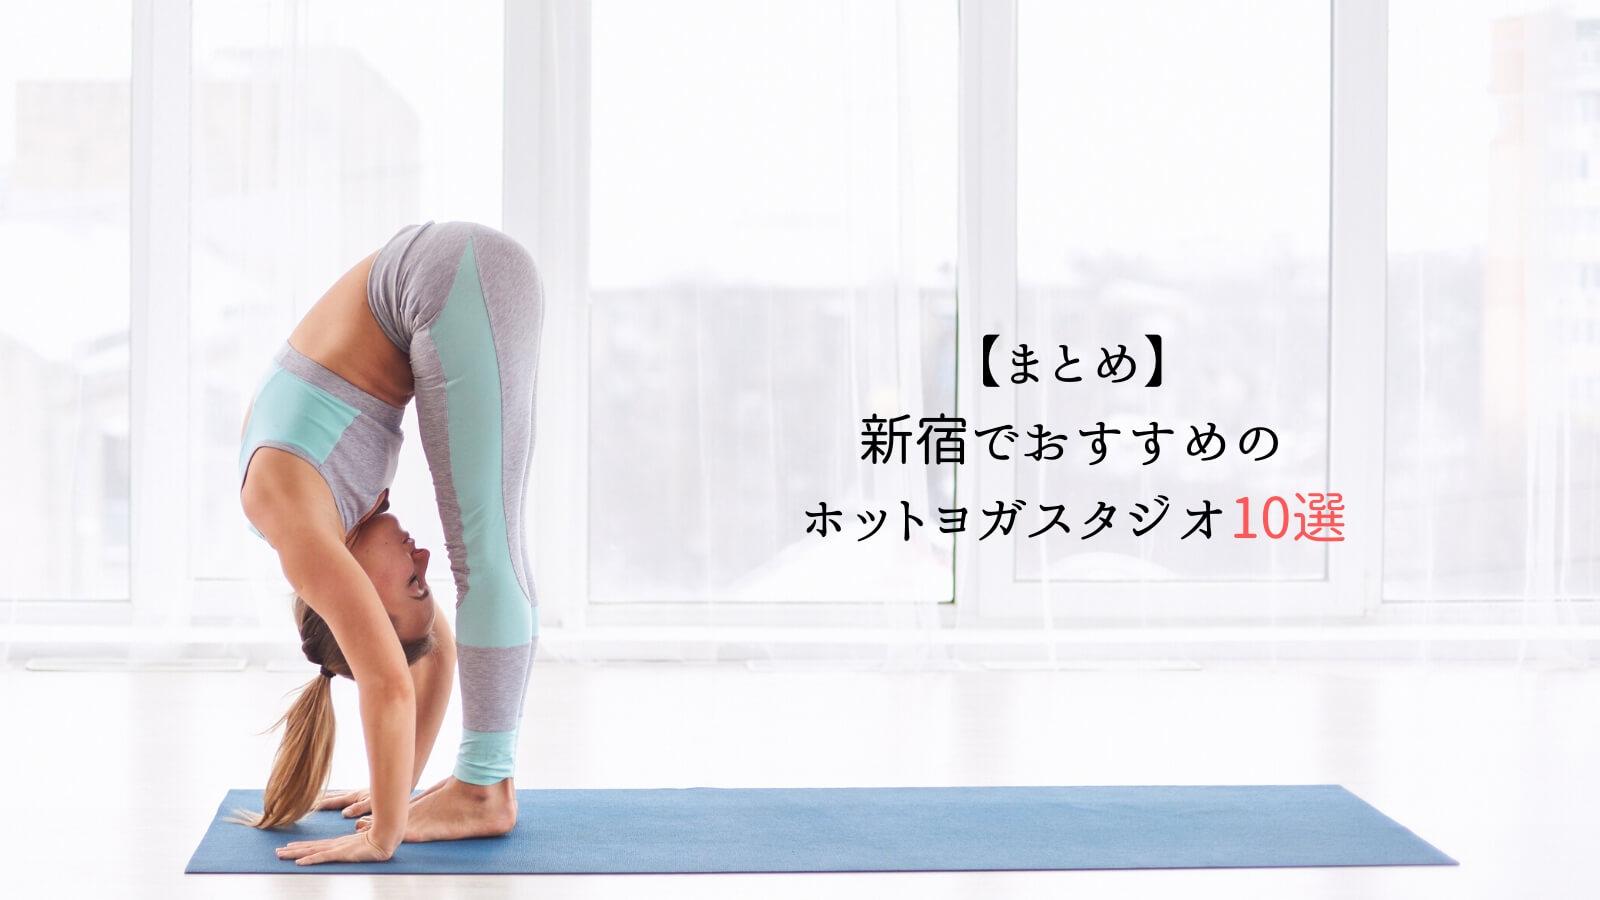 【まとめ】新宿でおすすめのホットヨガスタジオ10選